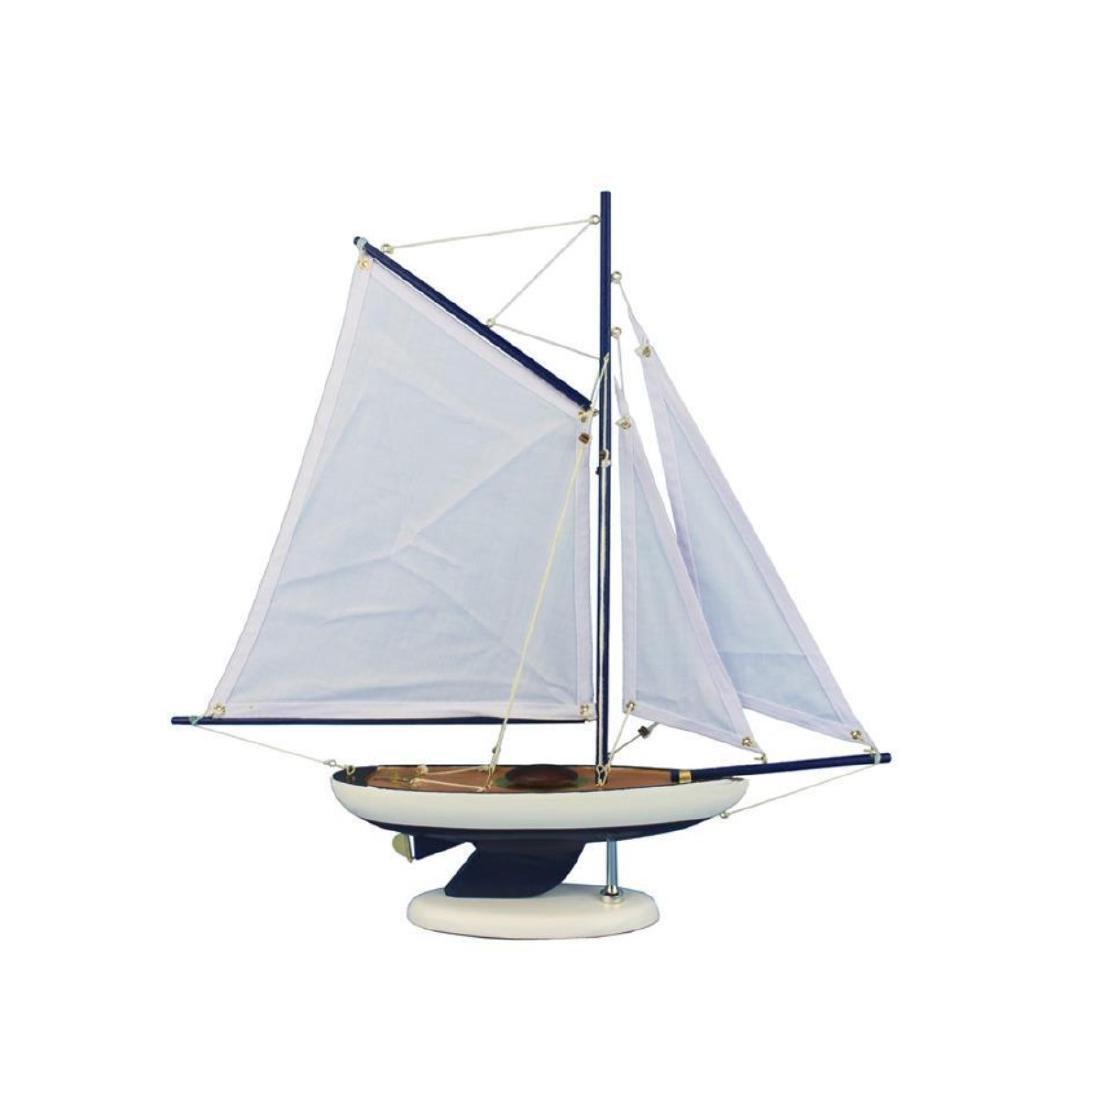 Wooden Bermuda Sloop Dark Blue - White Sails Model